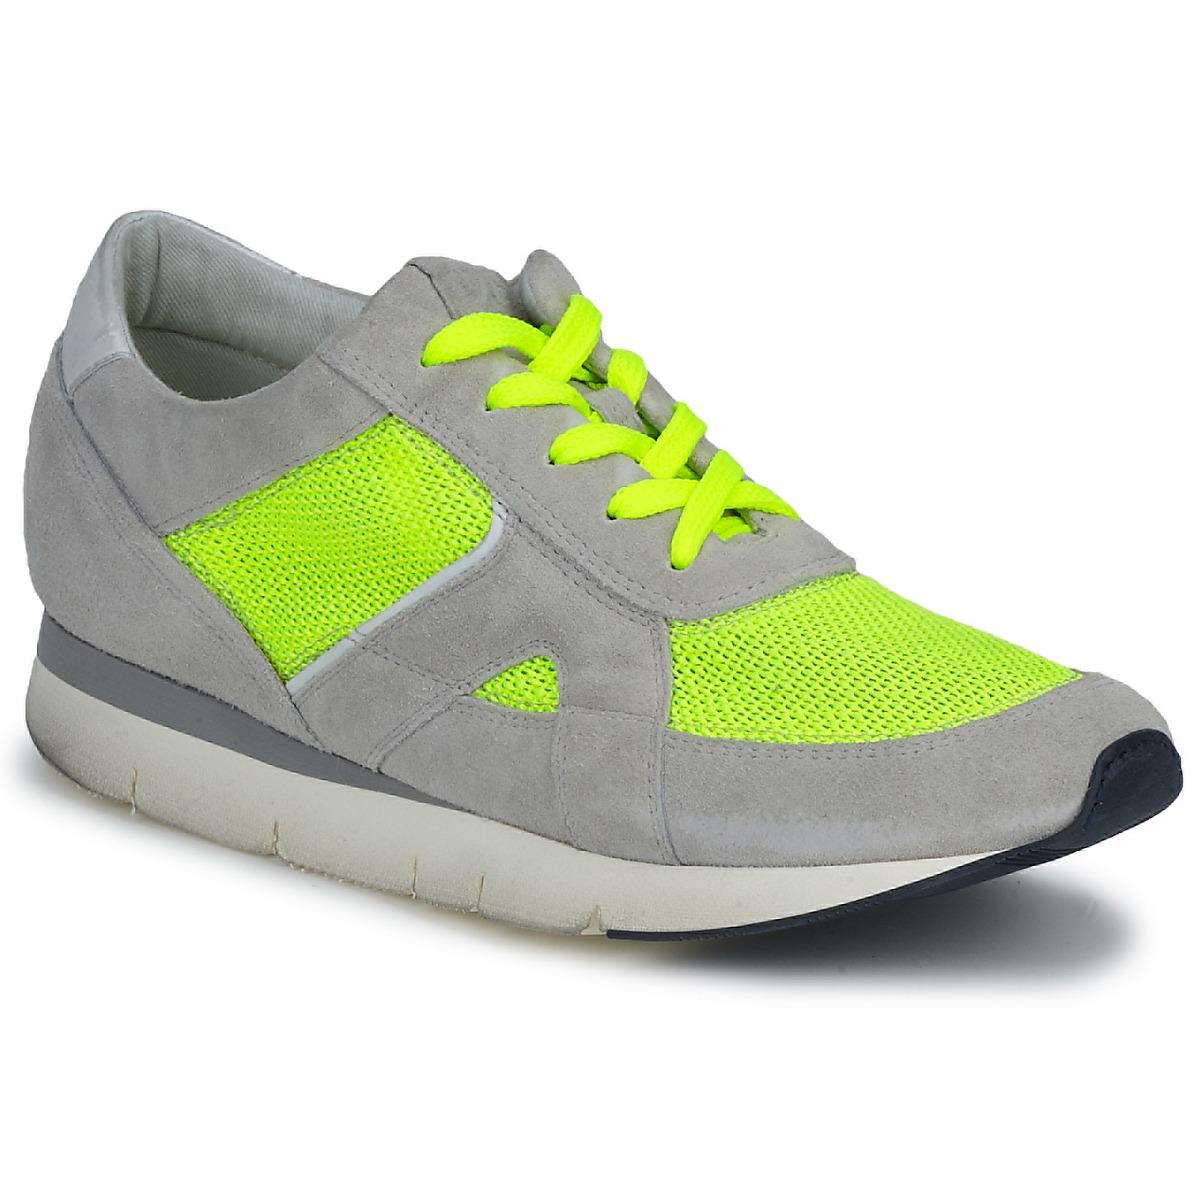 OXS GEORDIE Grau / Gelb - Kostenloser Versand bei Spartoode ! - Schuhe Sneaker Low Damen 109,50 €